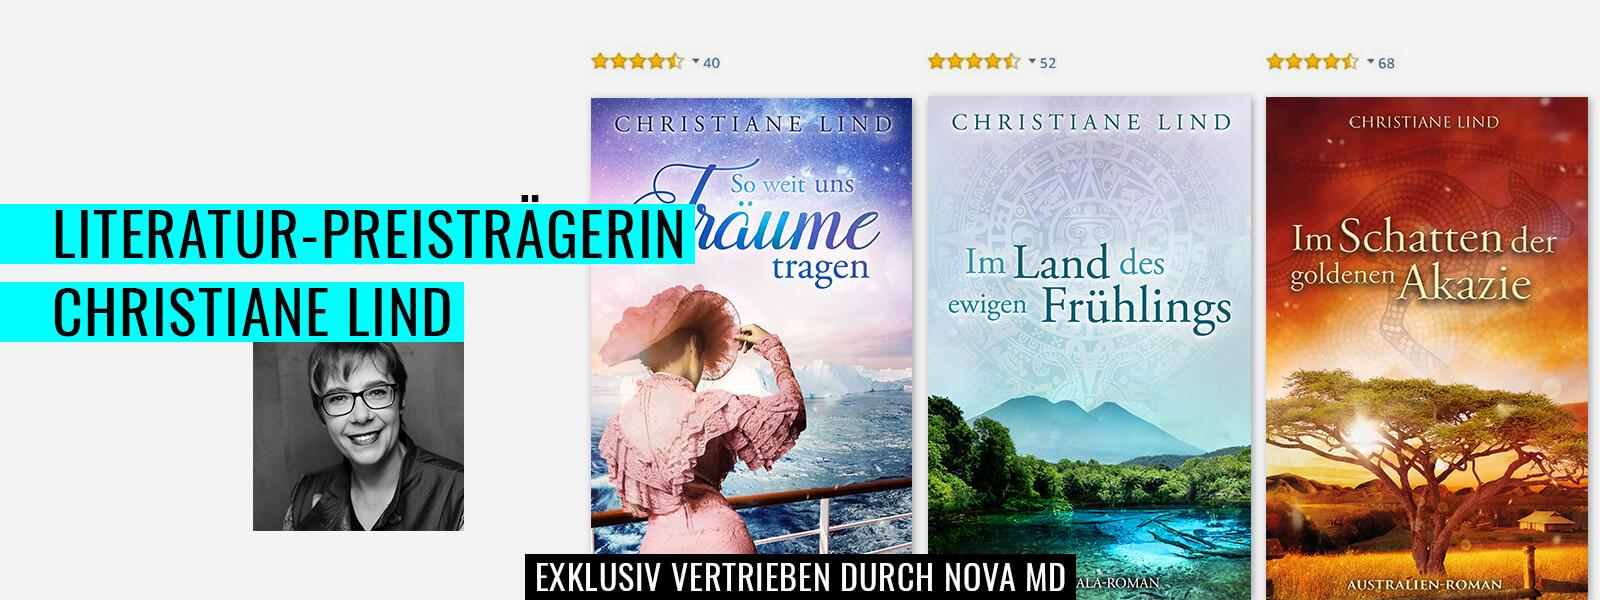 Bestseller-Autorin und Literaturpreisträgerin Christiane Lind